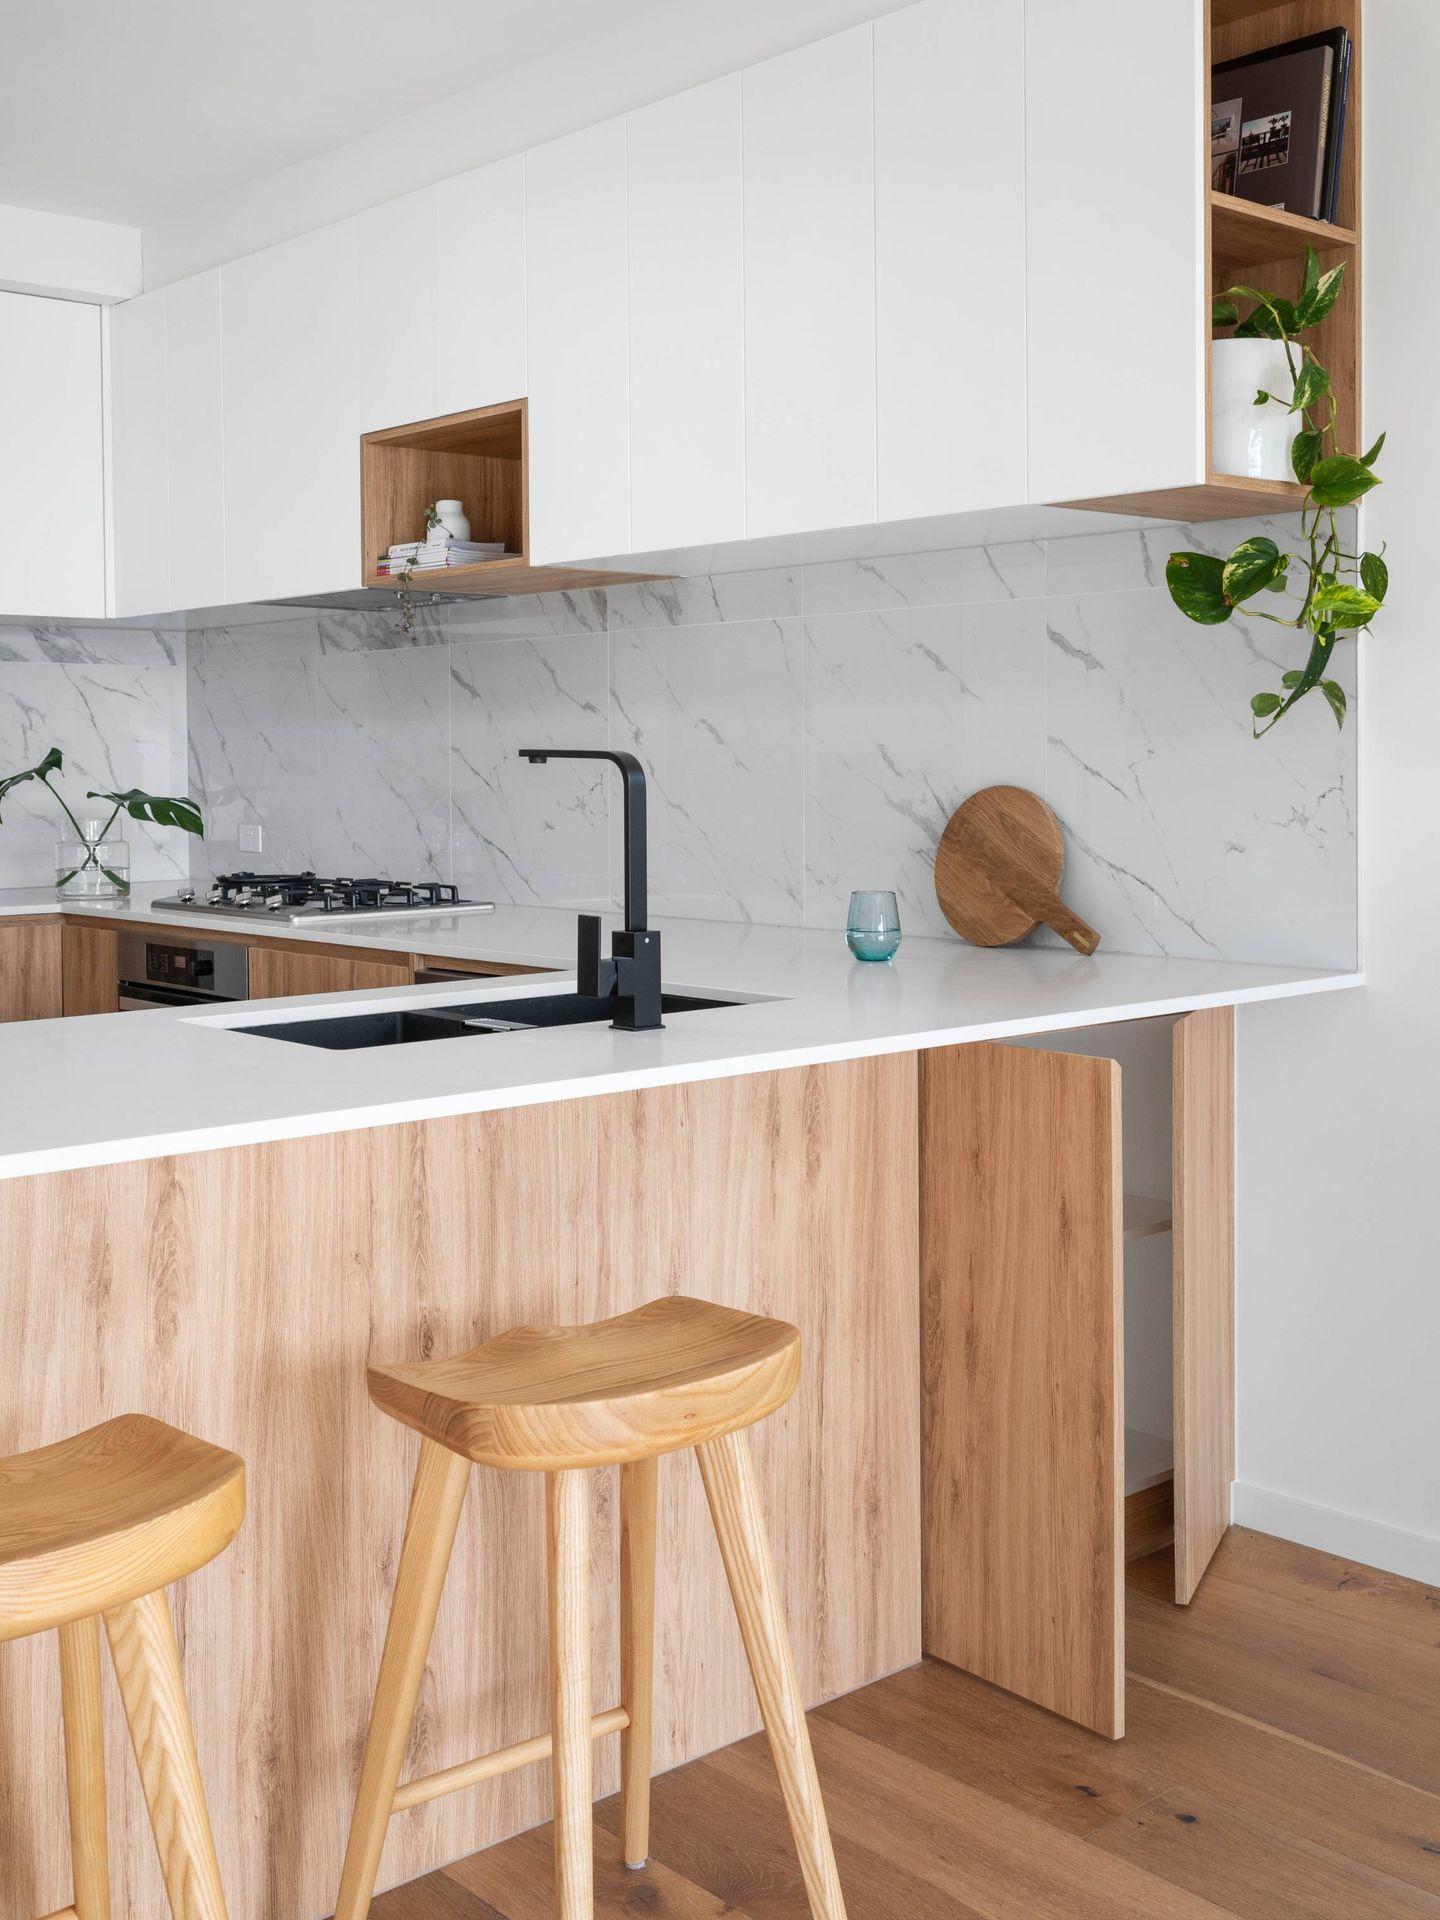 Beneficios deco de una cocina panelada. (R Architecture para Unsplash)